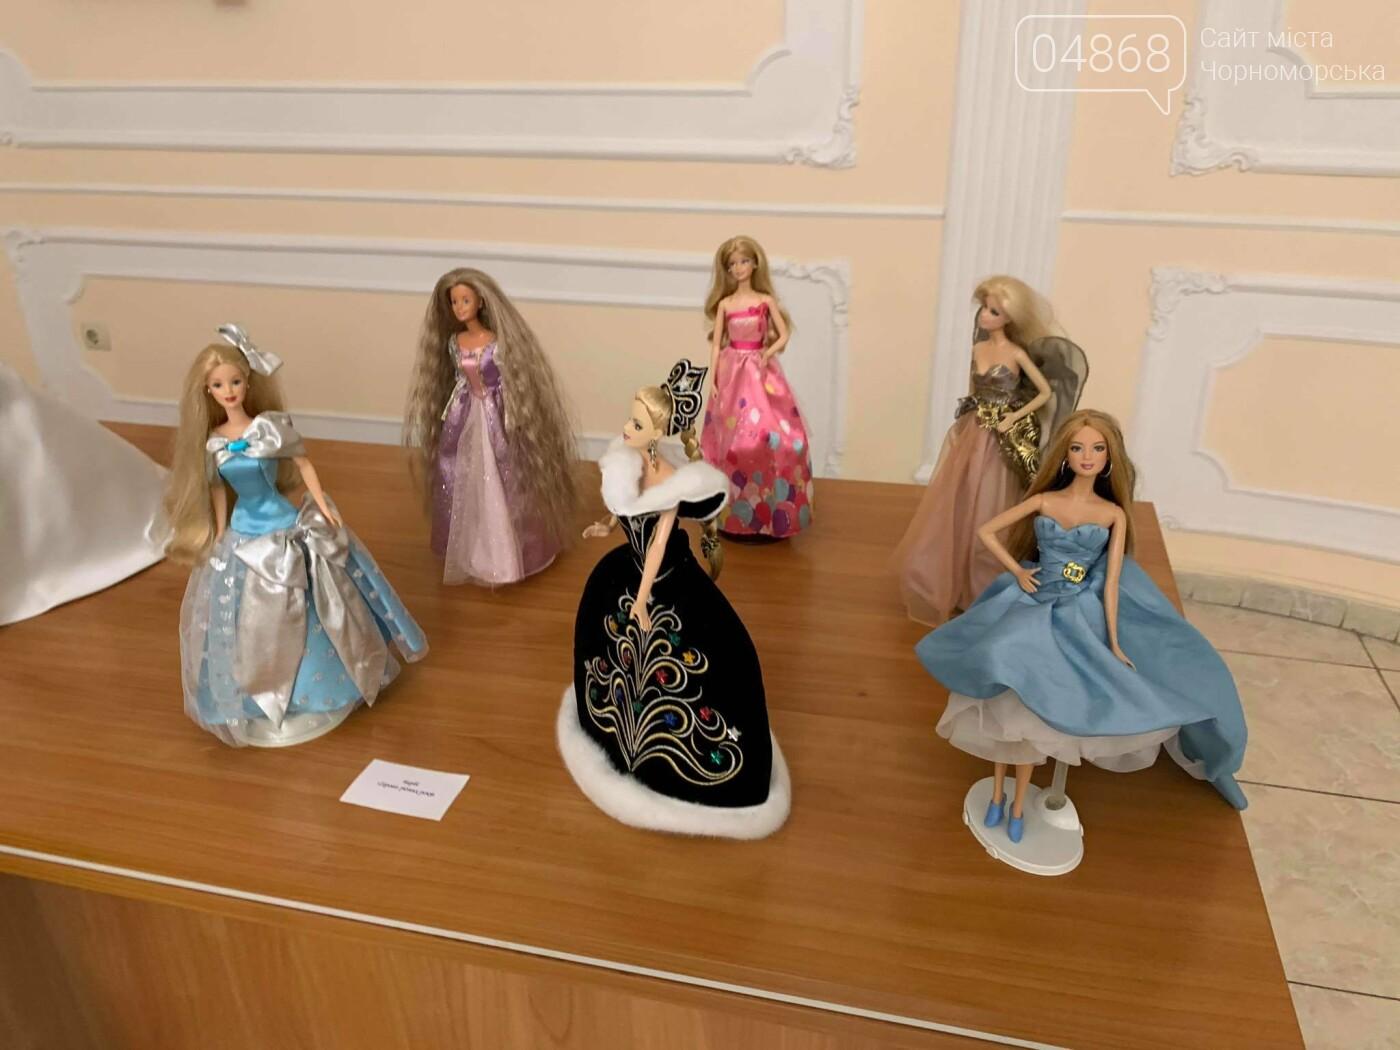 Как будто живые: в Черноморске проходит выставка фарфоровых кукол (видео), фото-39